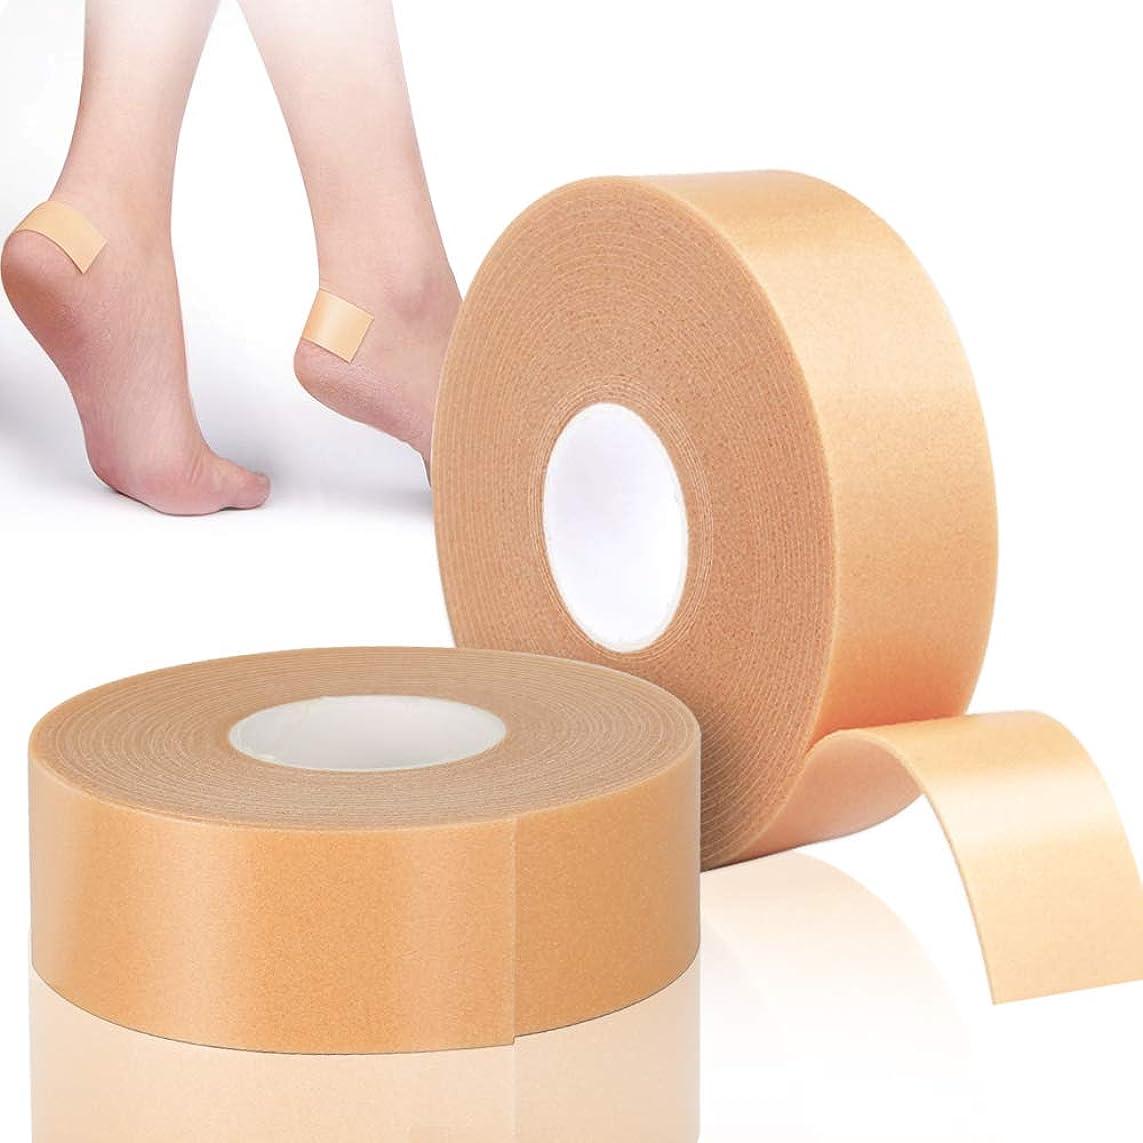 オーバードロースティーブンソン残りLEOBRO 靴ずれ保護テープ 靴擦れ防止 かかと保護 衝撃吸収保護パッド 【2巻入り】 2.5cm*5m 肌色 防水素材 強粘着 足首保護パッド 耐摩耗 かかと痛み緩和